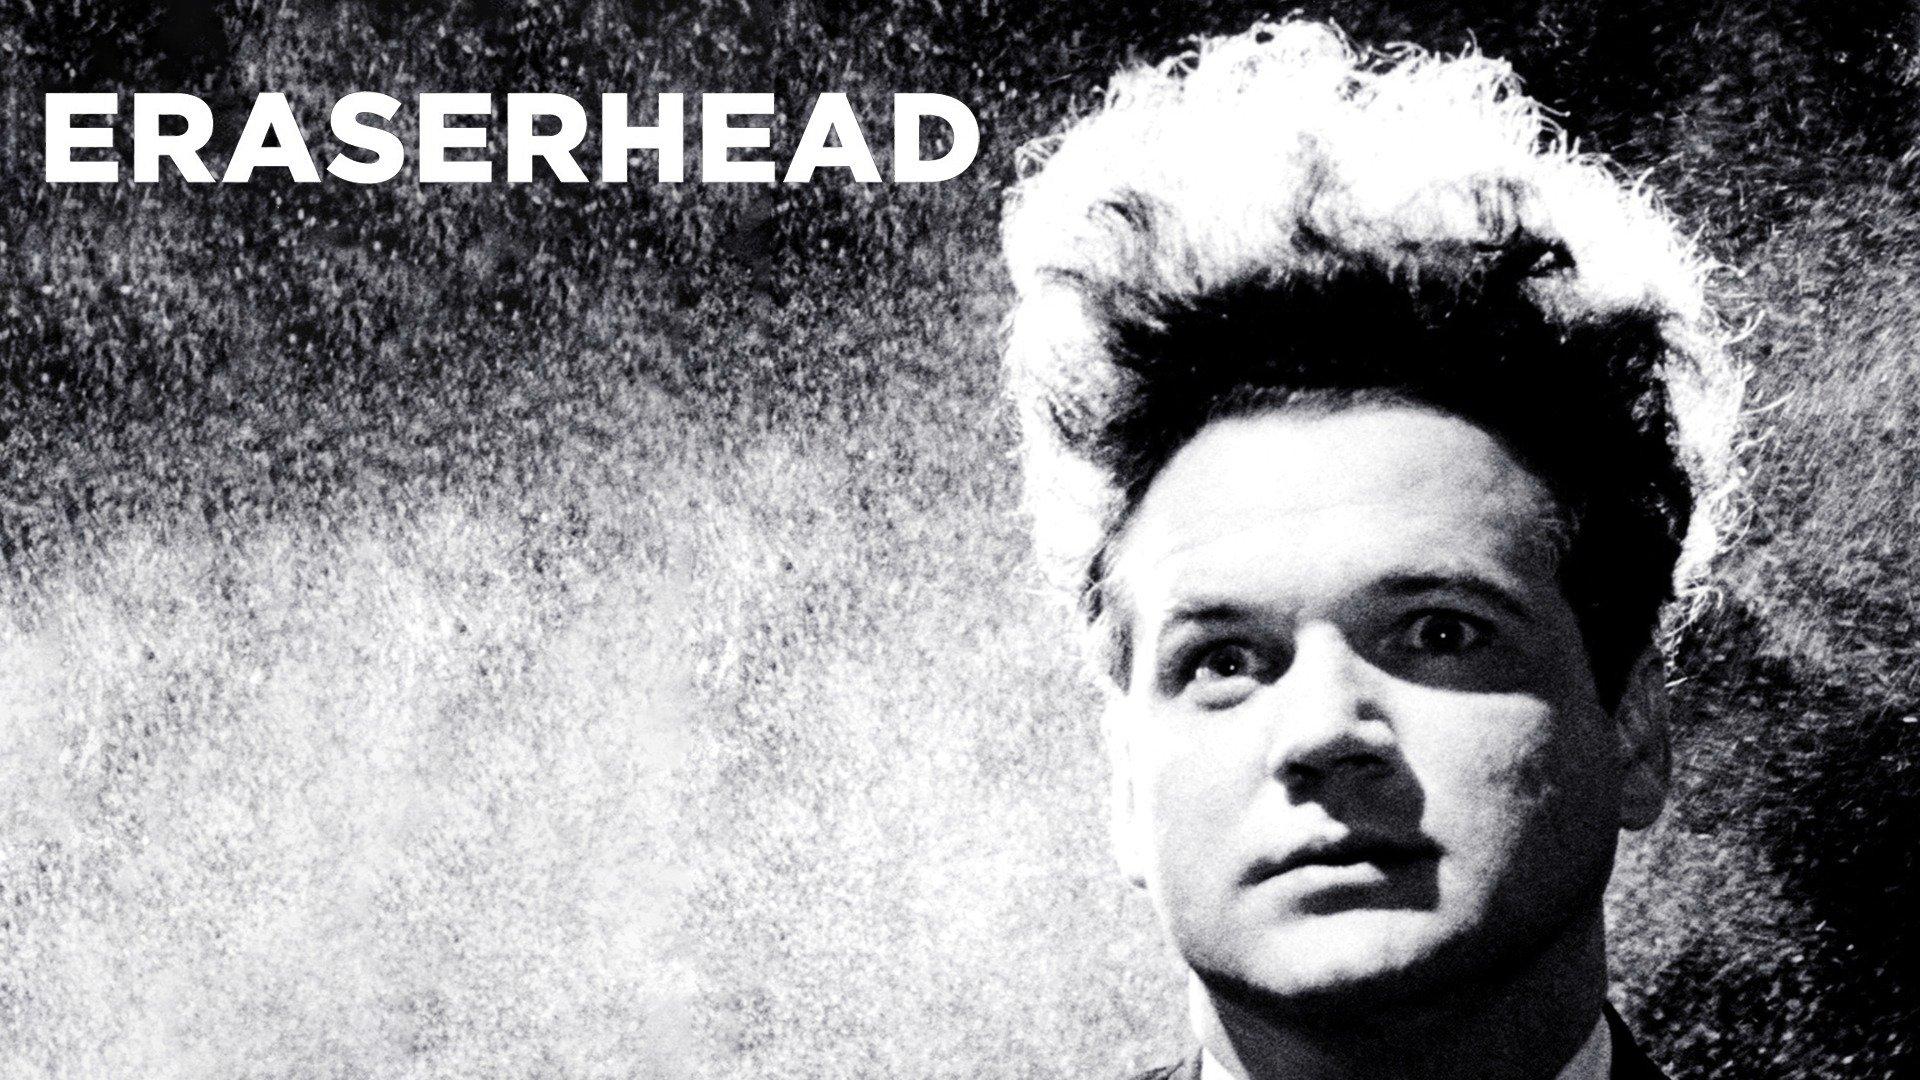 Eraserhead 1977 Plex